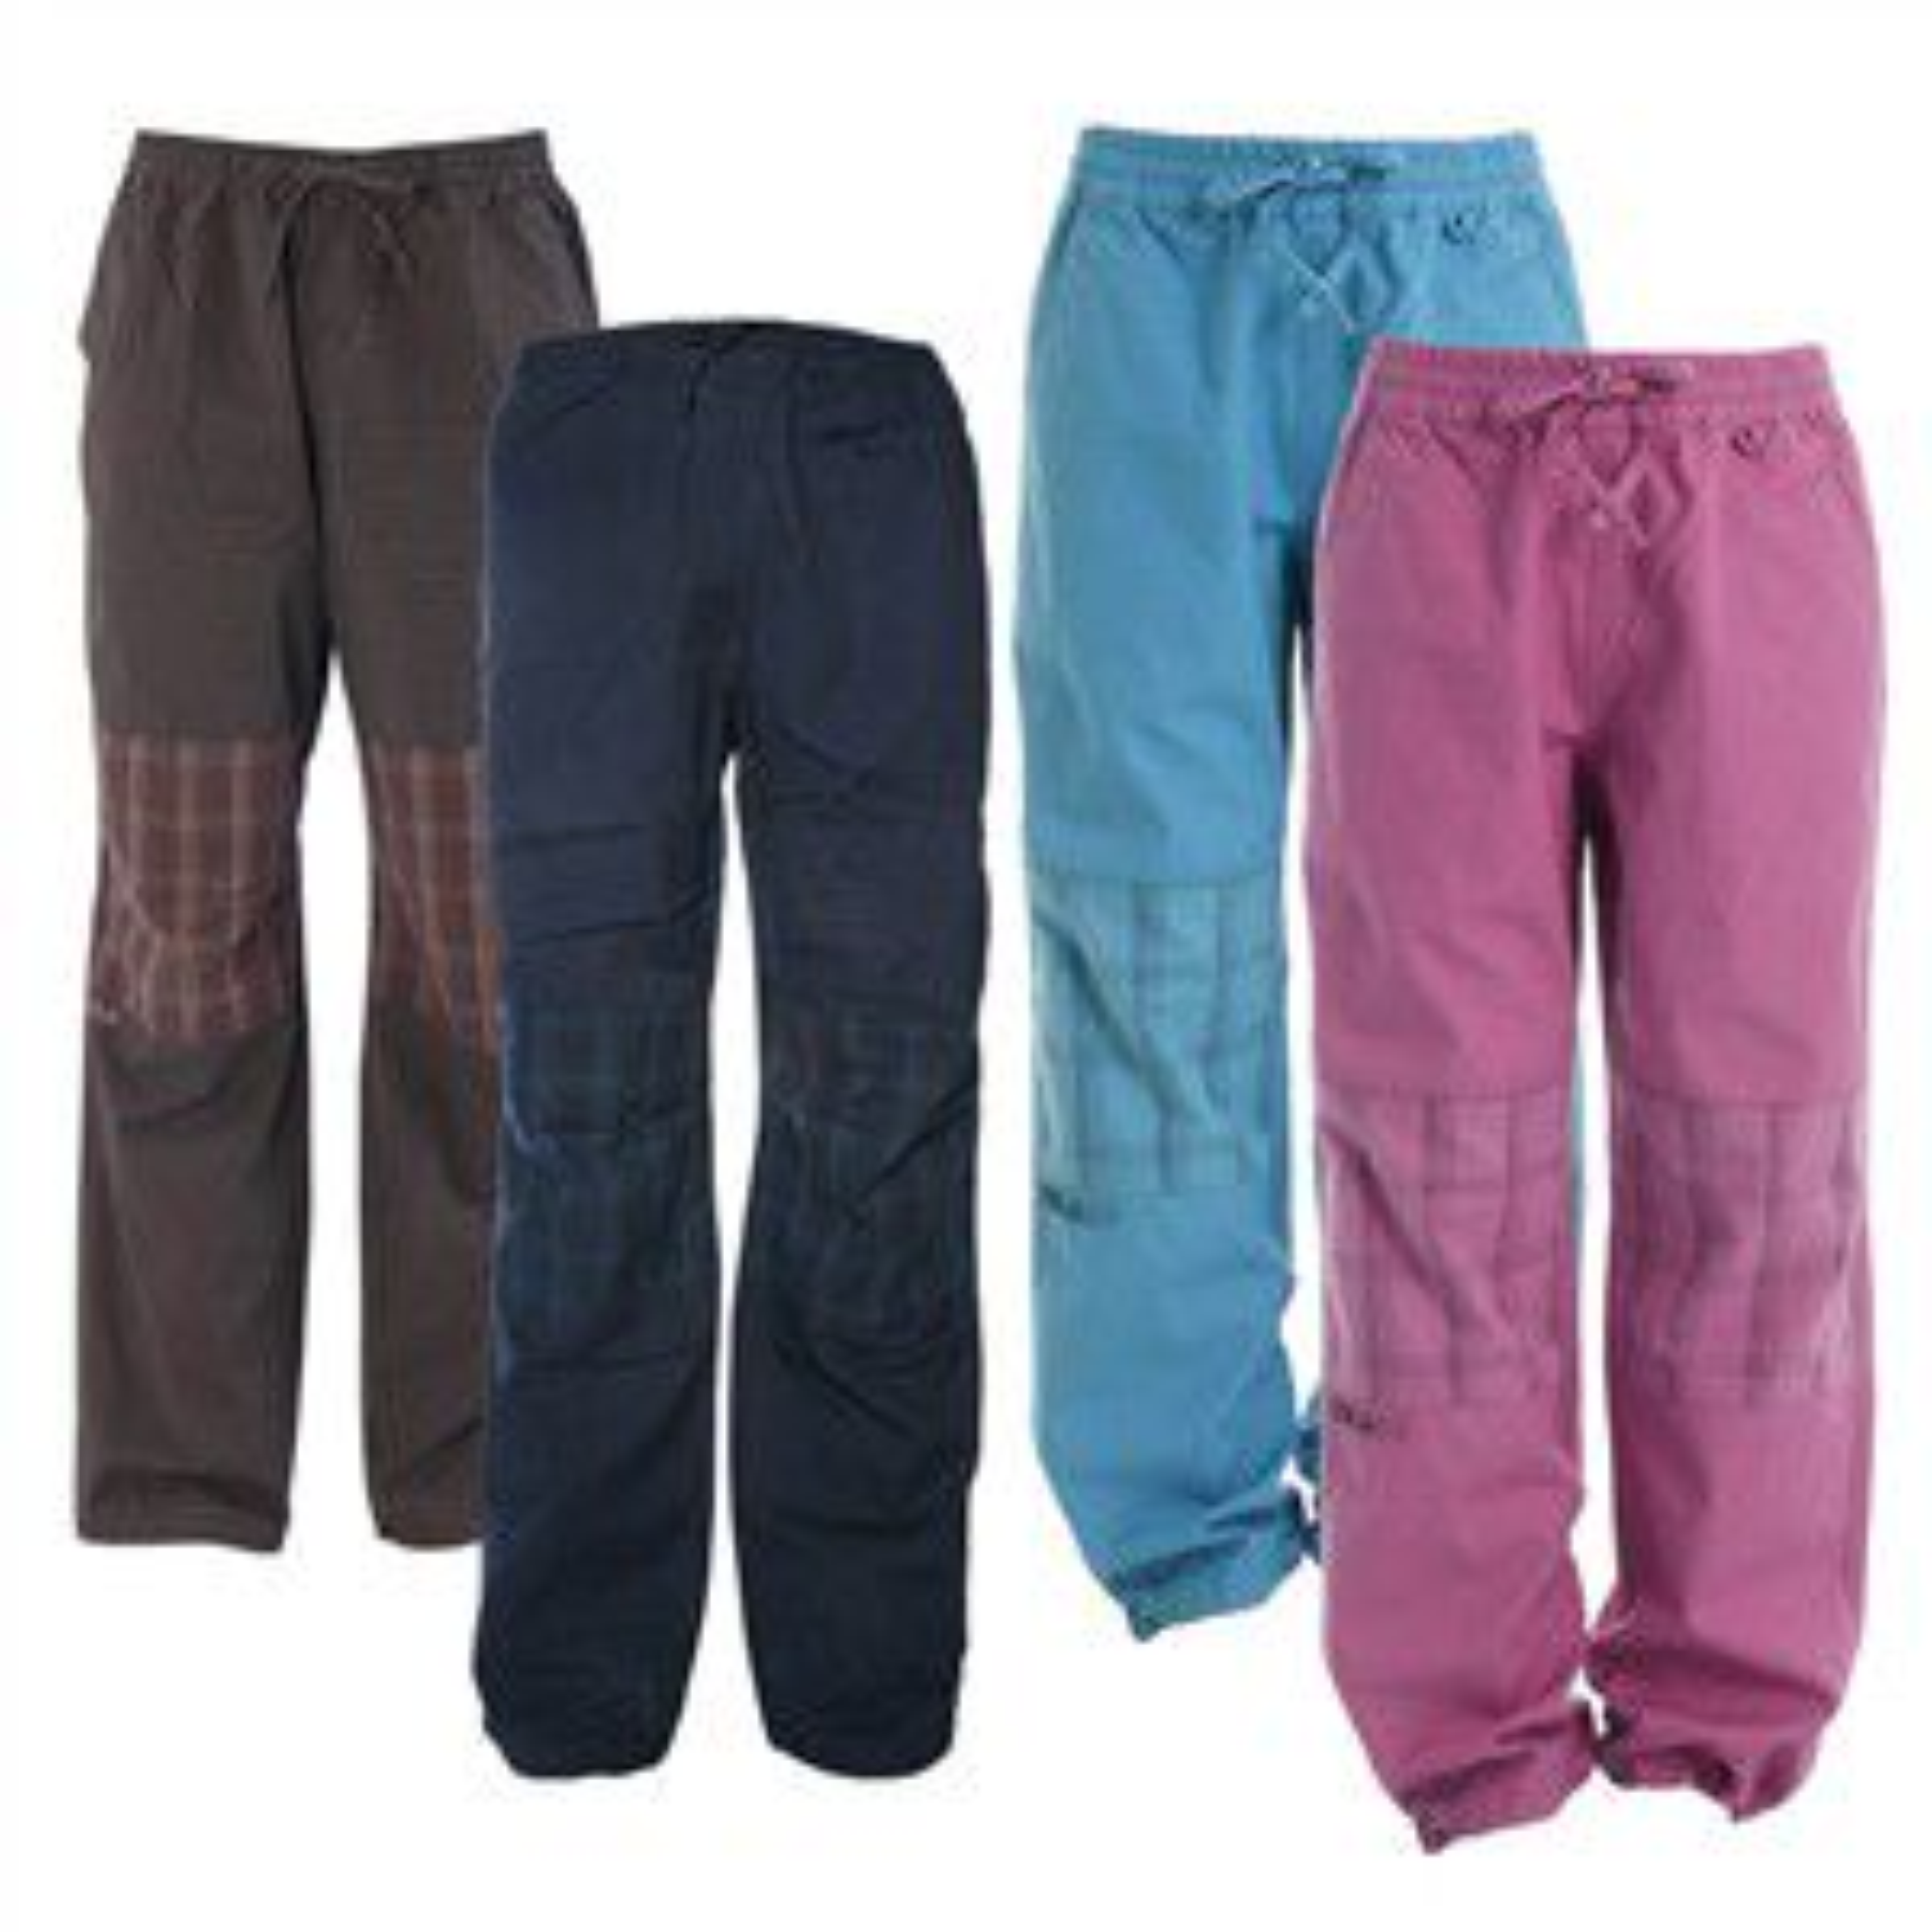 keb bukser tilbud